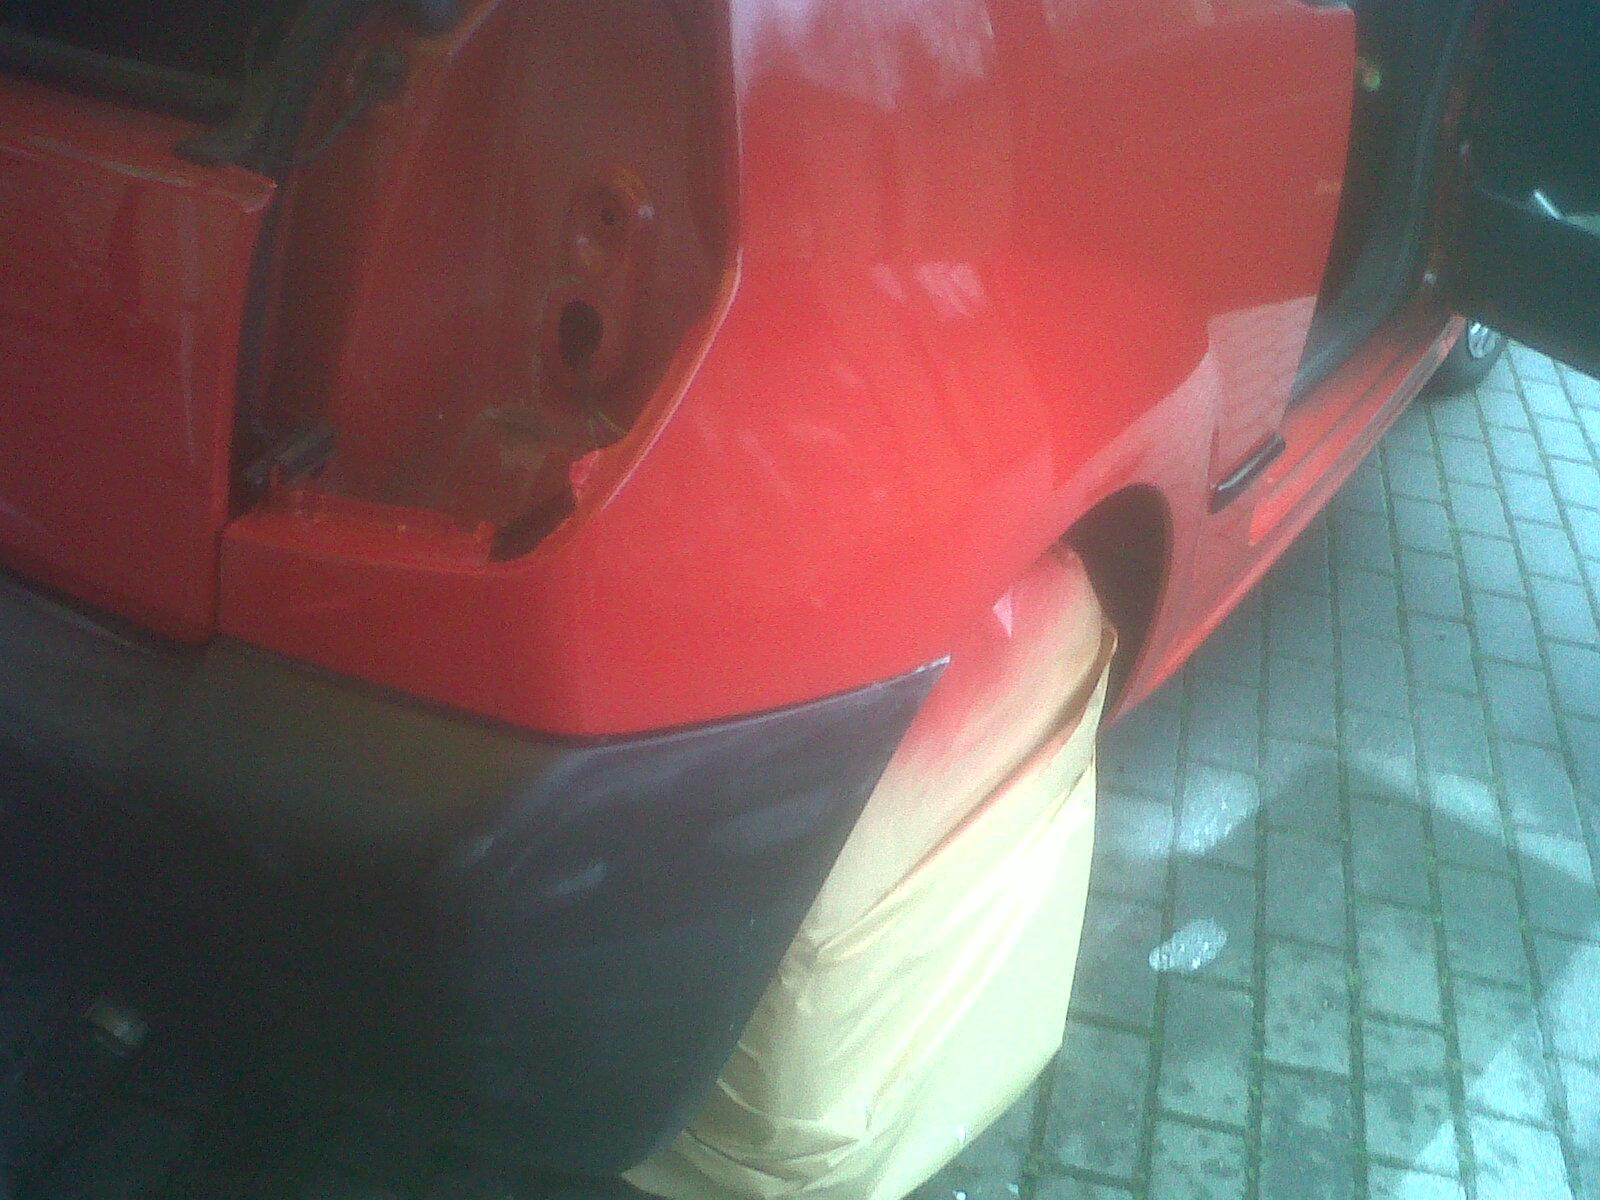 Mobile car body repairs south east london 10